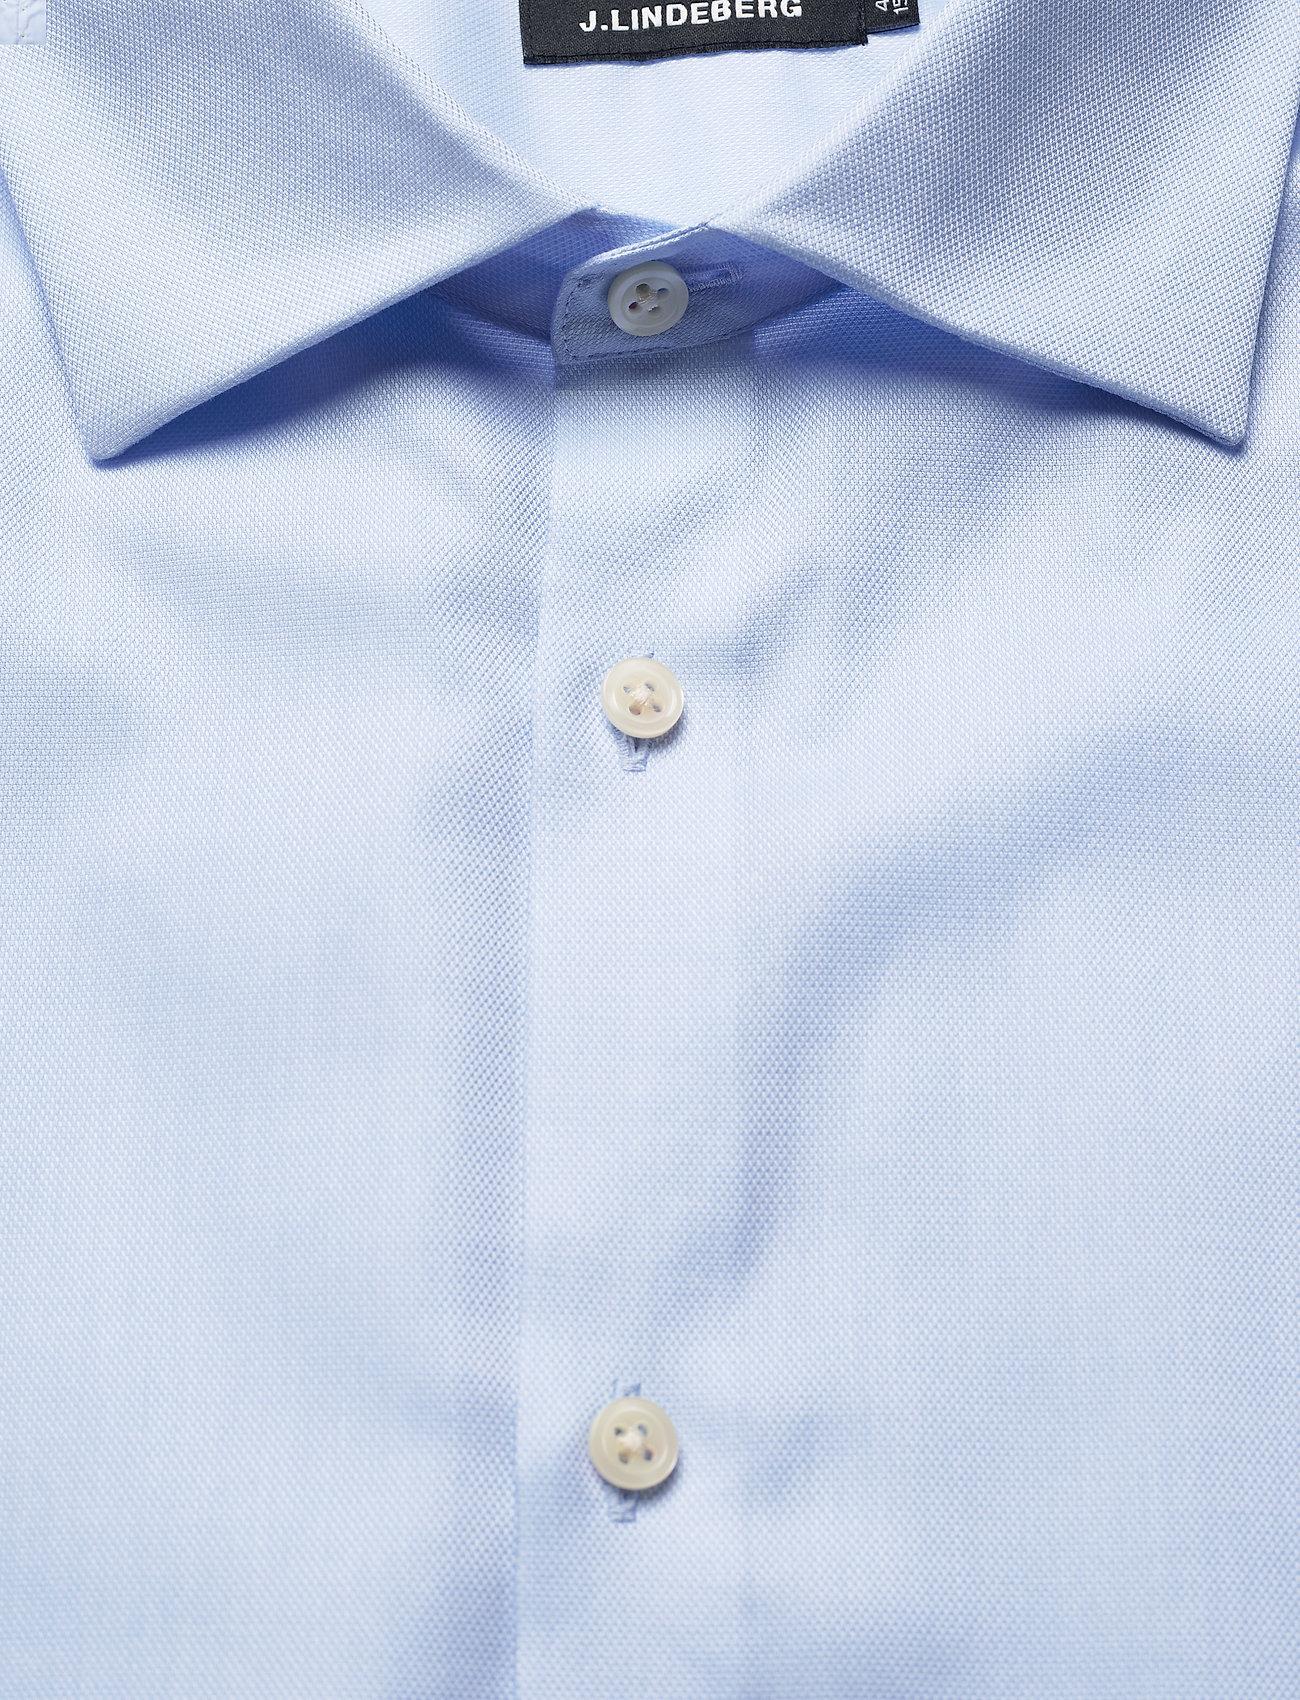 J. Lindeberg Daniel CA TL Non-iron Oxford - Skjorter LT BLUE - Menn Klær